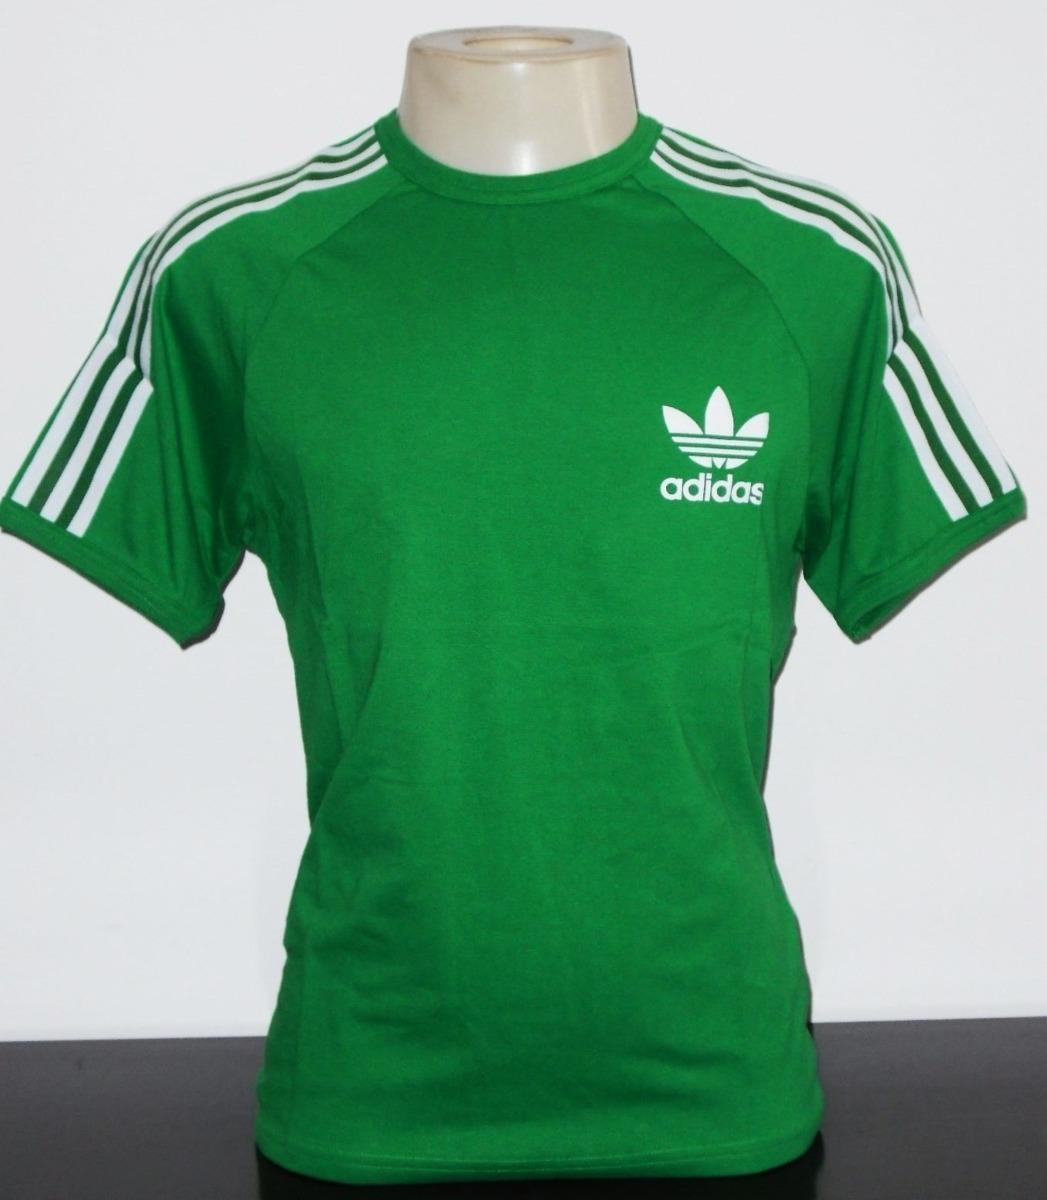 camisa adidas originals vintage retro nova verde alemanha. Carregando zoom. b05856247f09c